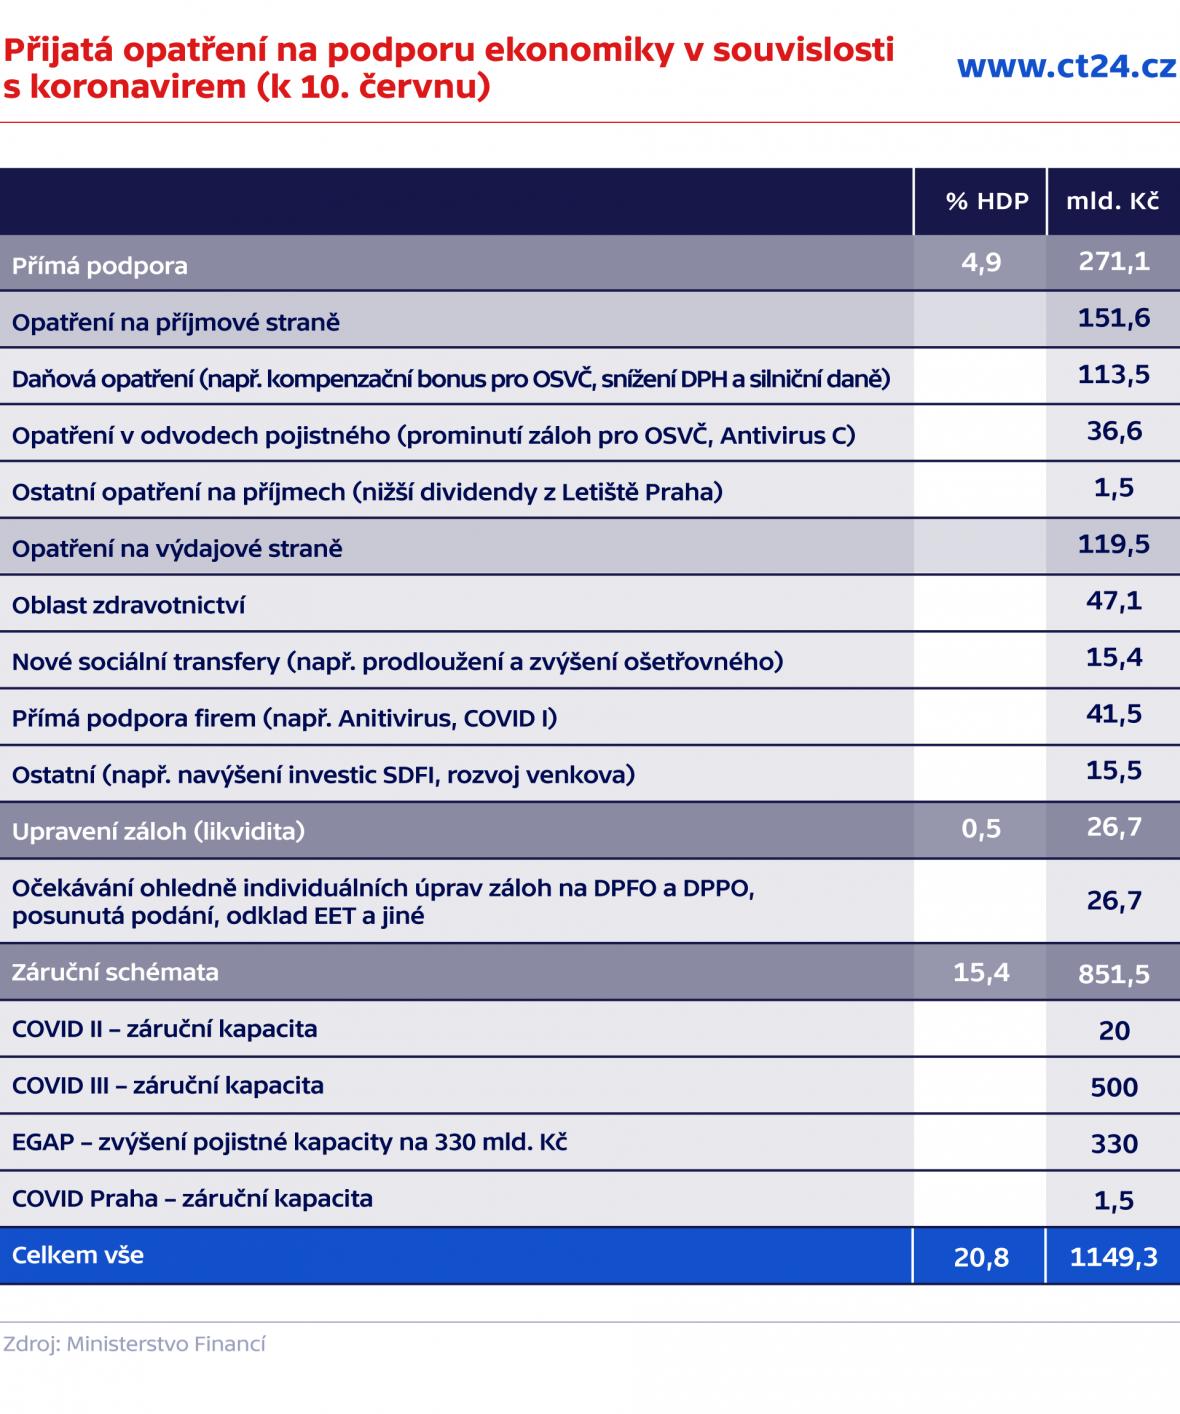 Podrobná kvantifikace přijatých opatření v souvislosti s pandemií covidu-19 (aktualizováno k 10. červnu)